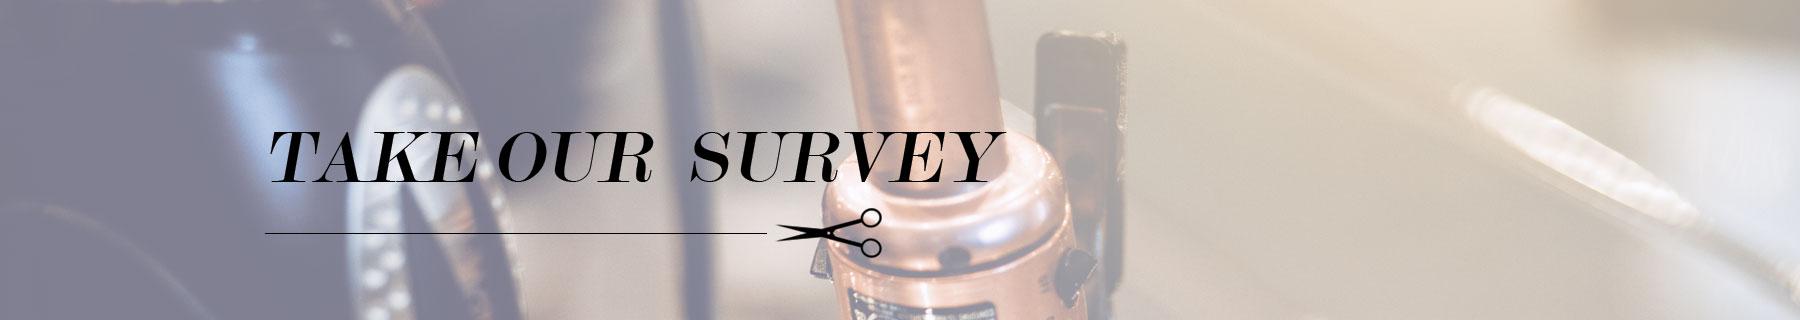 header-survey